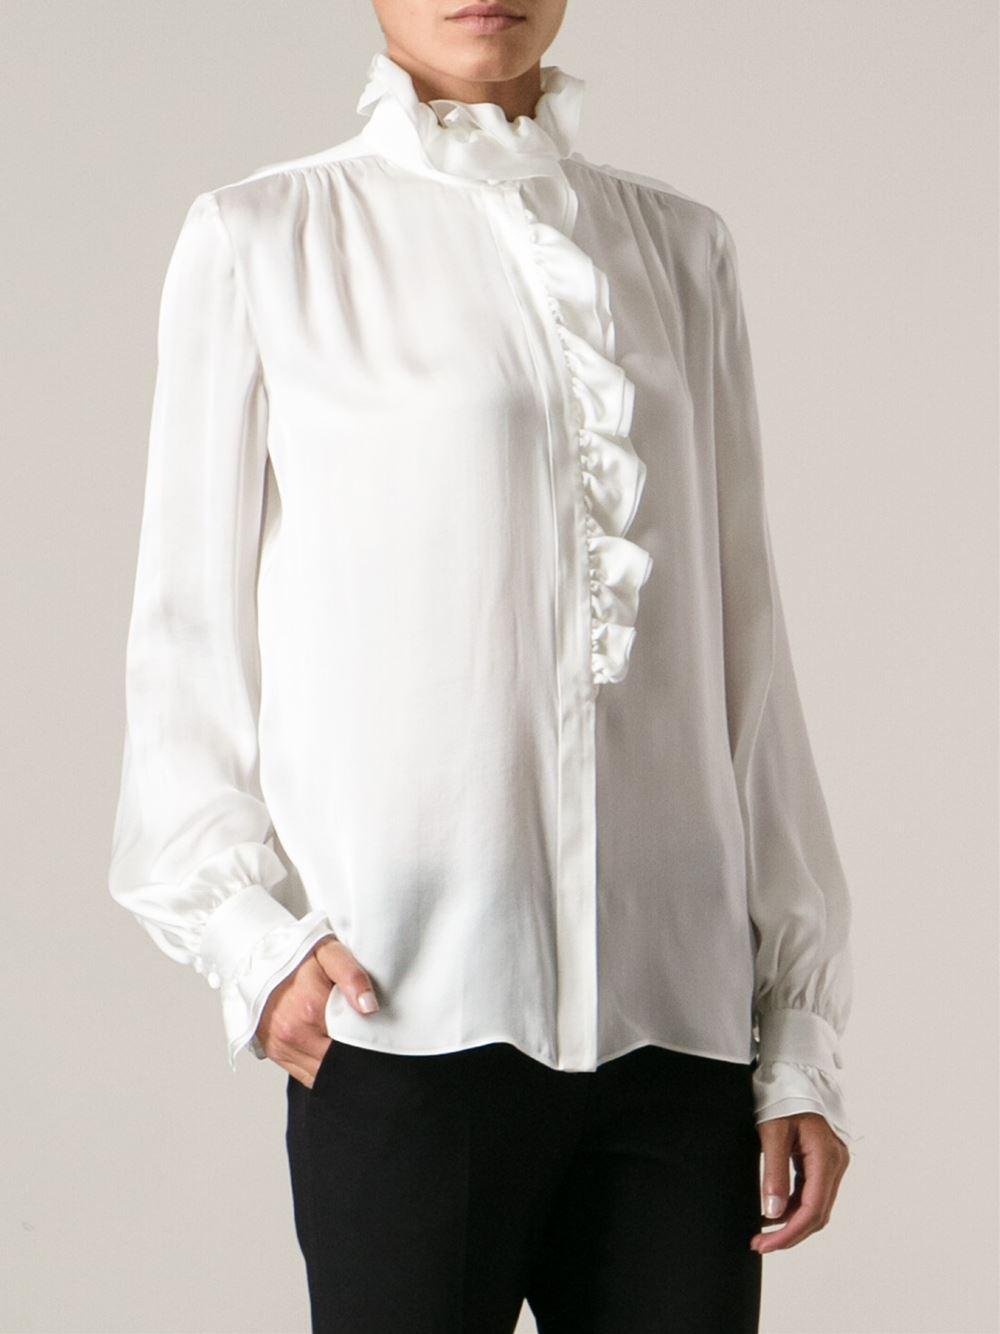 Tea Rose Home: Tutorial ~Ruffle Shirt 2 |Ruffle Shirt